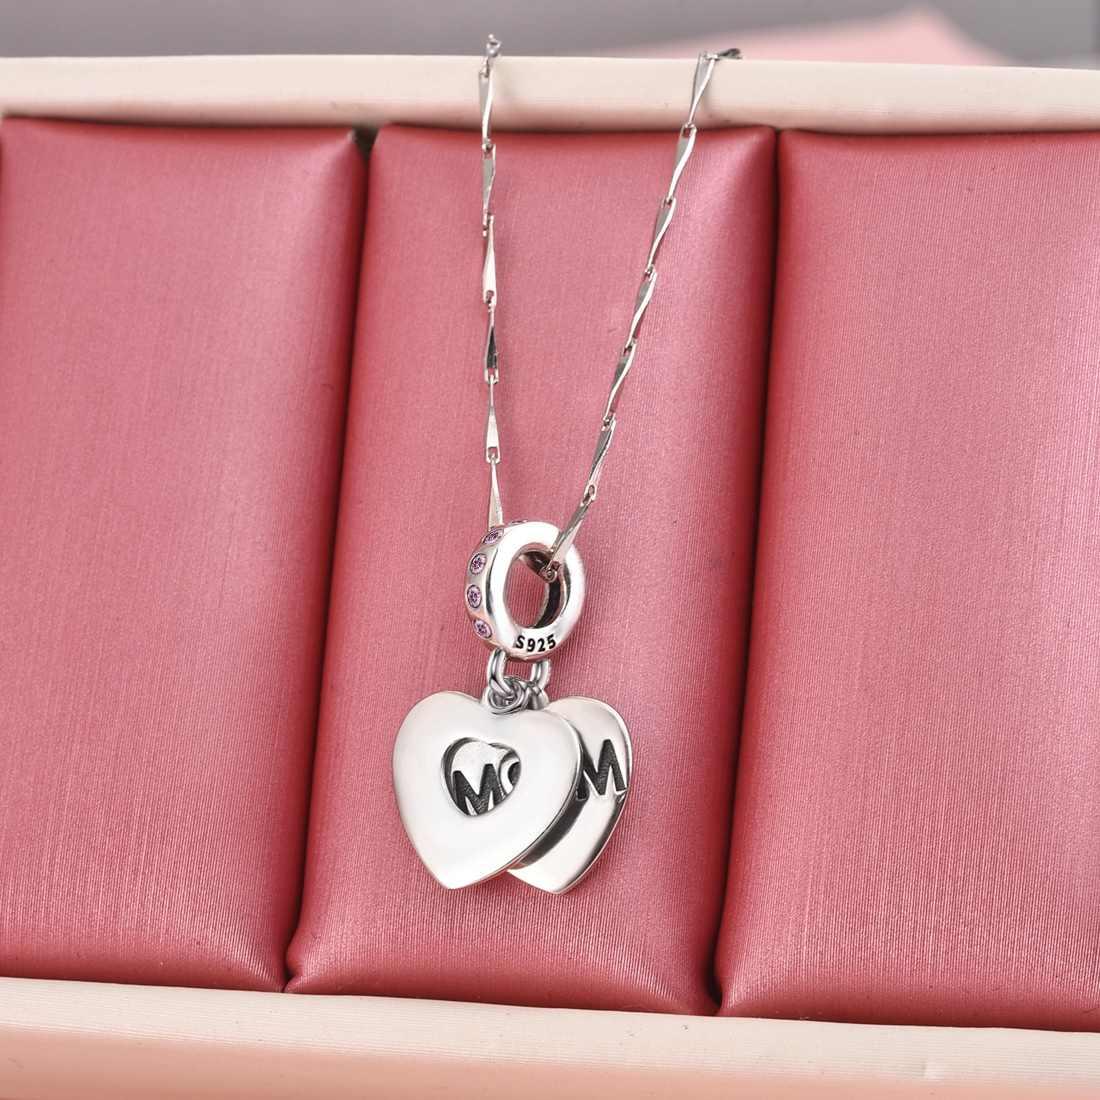 Jiayiqi amor materno encantos em forma de coração 925 prata esterlina cz contas caber pandora encantos pulseiras dia das mães jóias presente